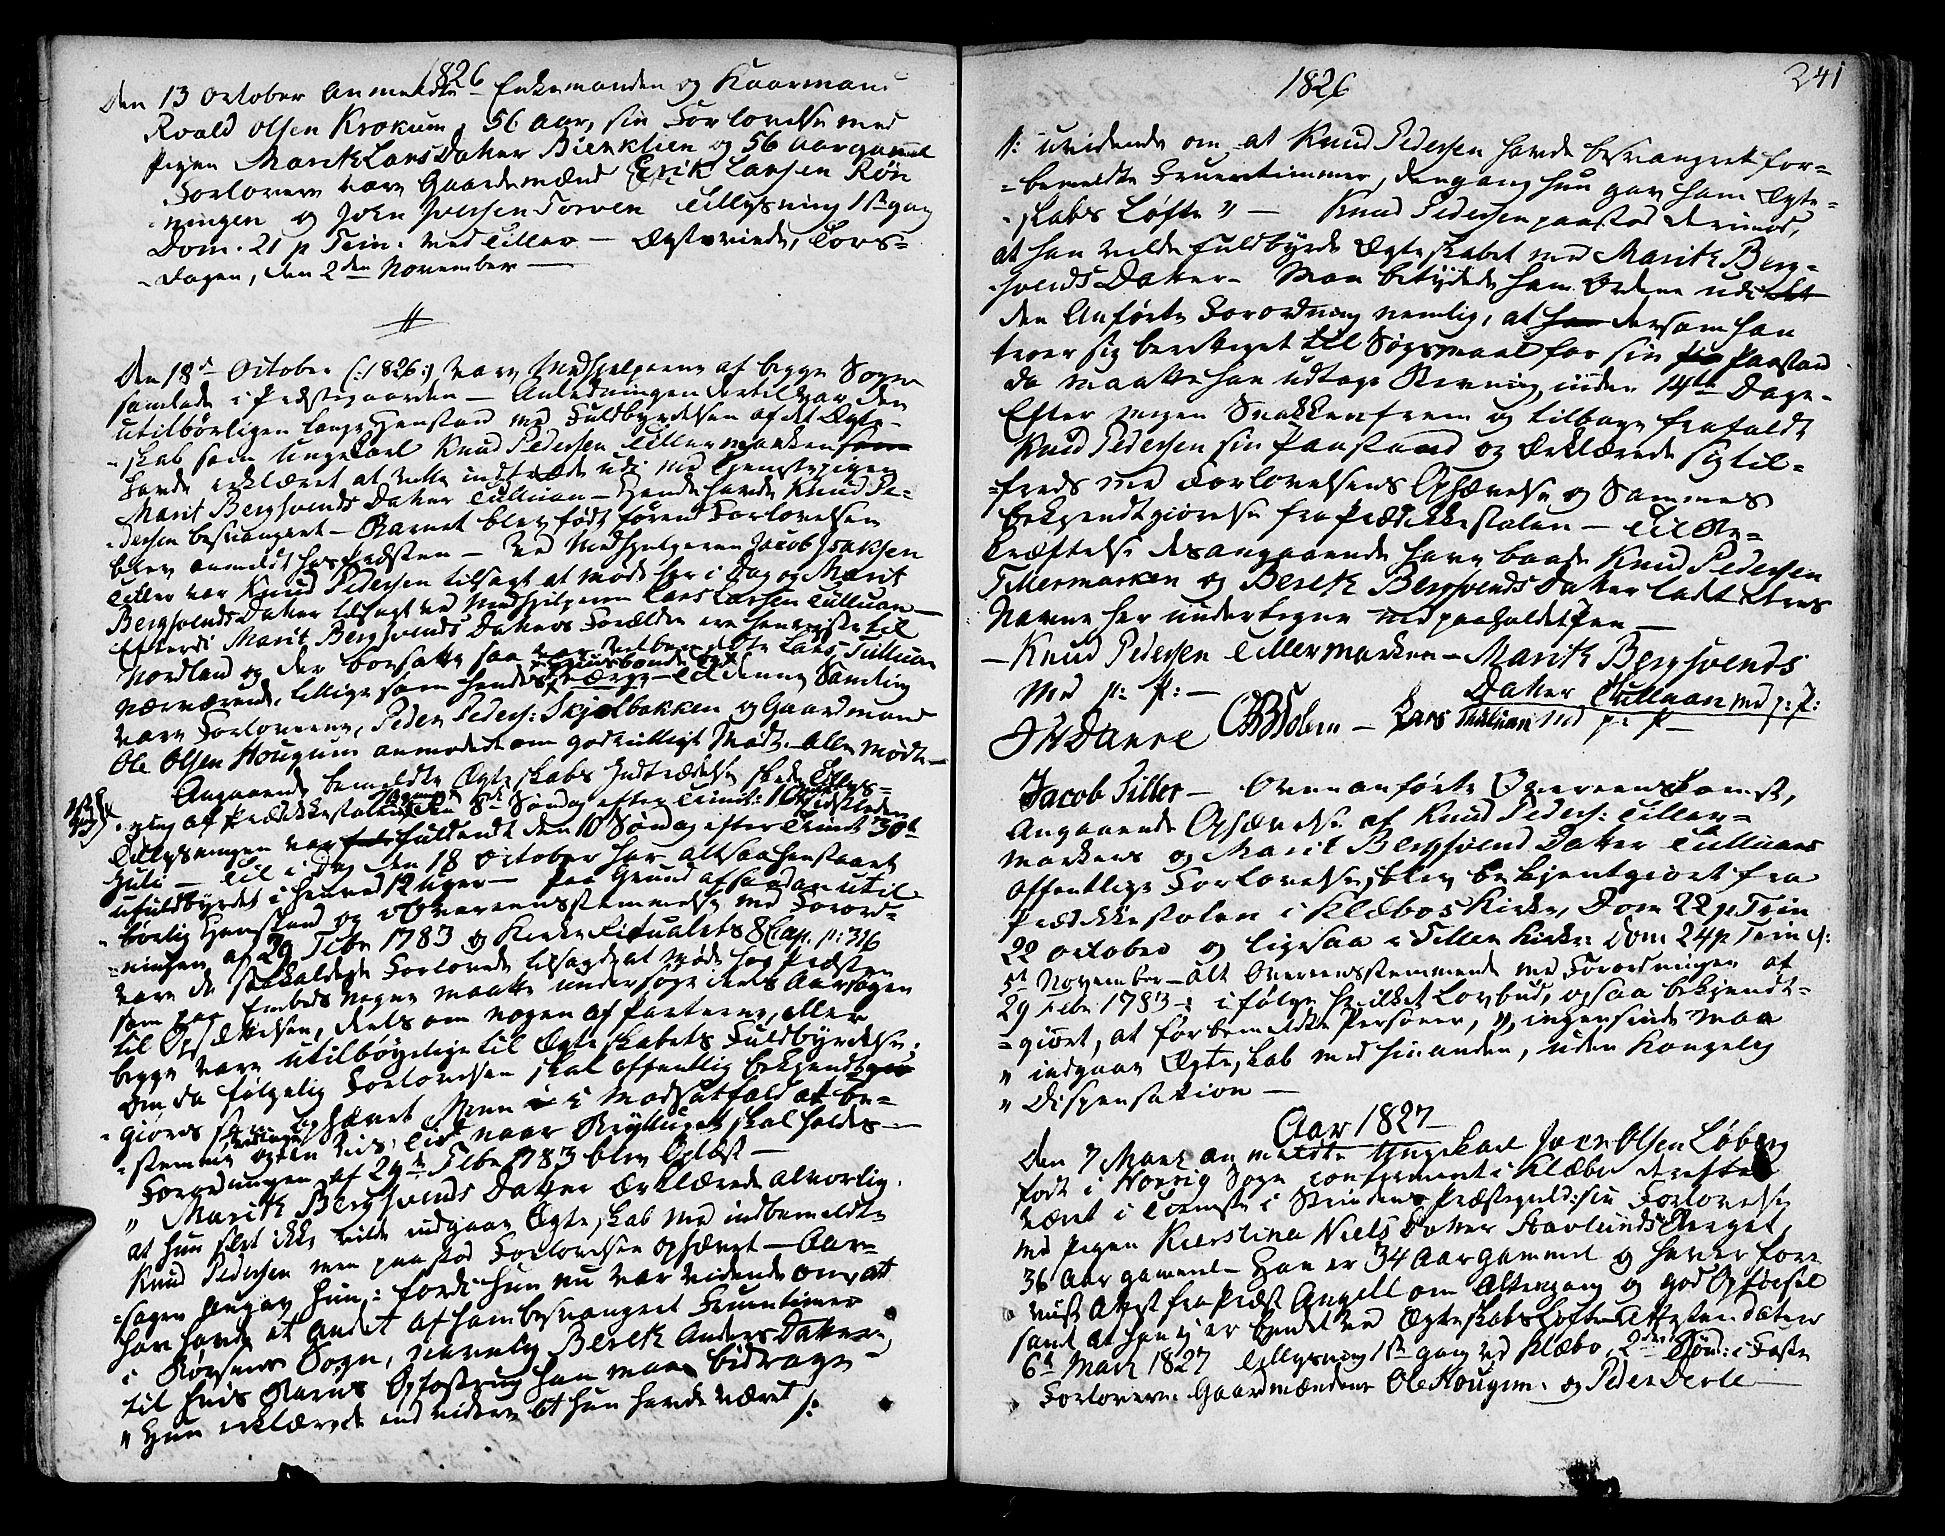 SAT, Ministerialprotokoller, klokkerbøker og fødselsregistre - Sør-Trøndelag, 618/L0438: Ministerialbok nr. 618A03, 1783-1815, s. 241